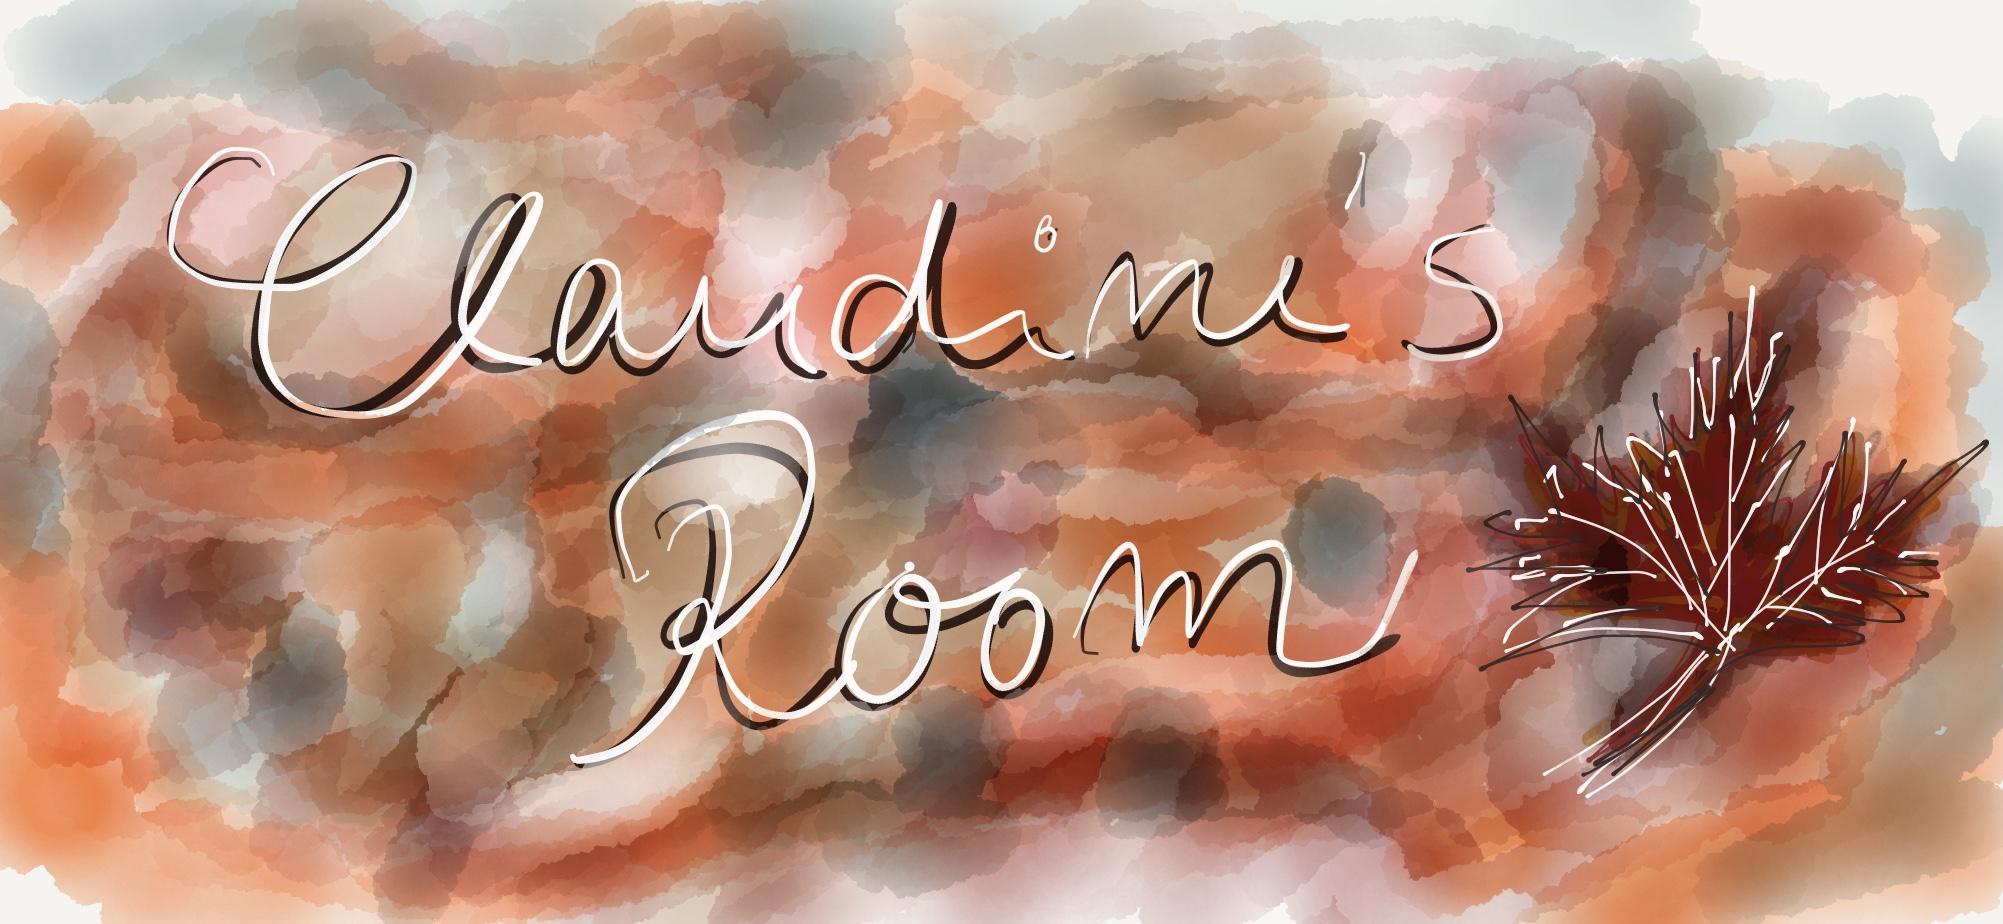 claudine's room